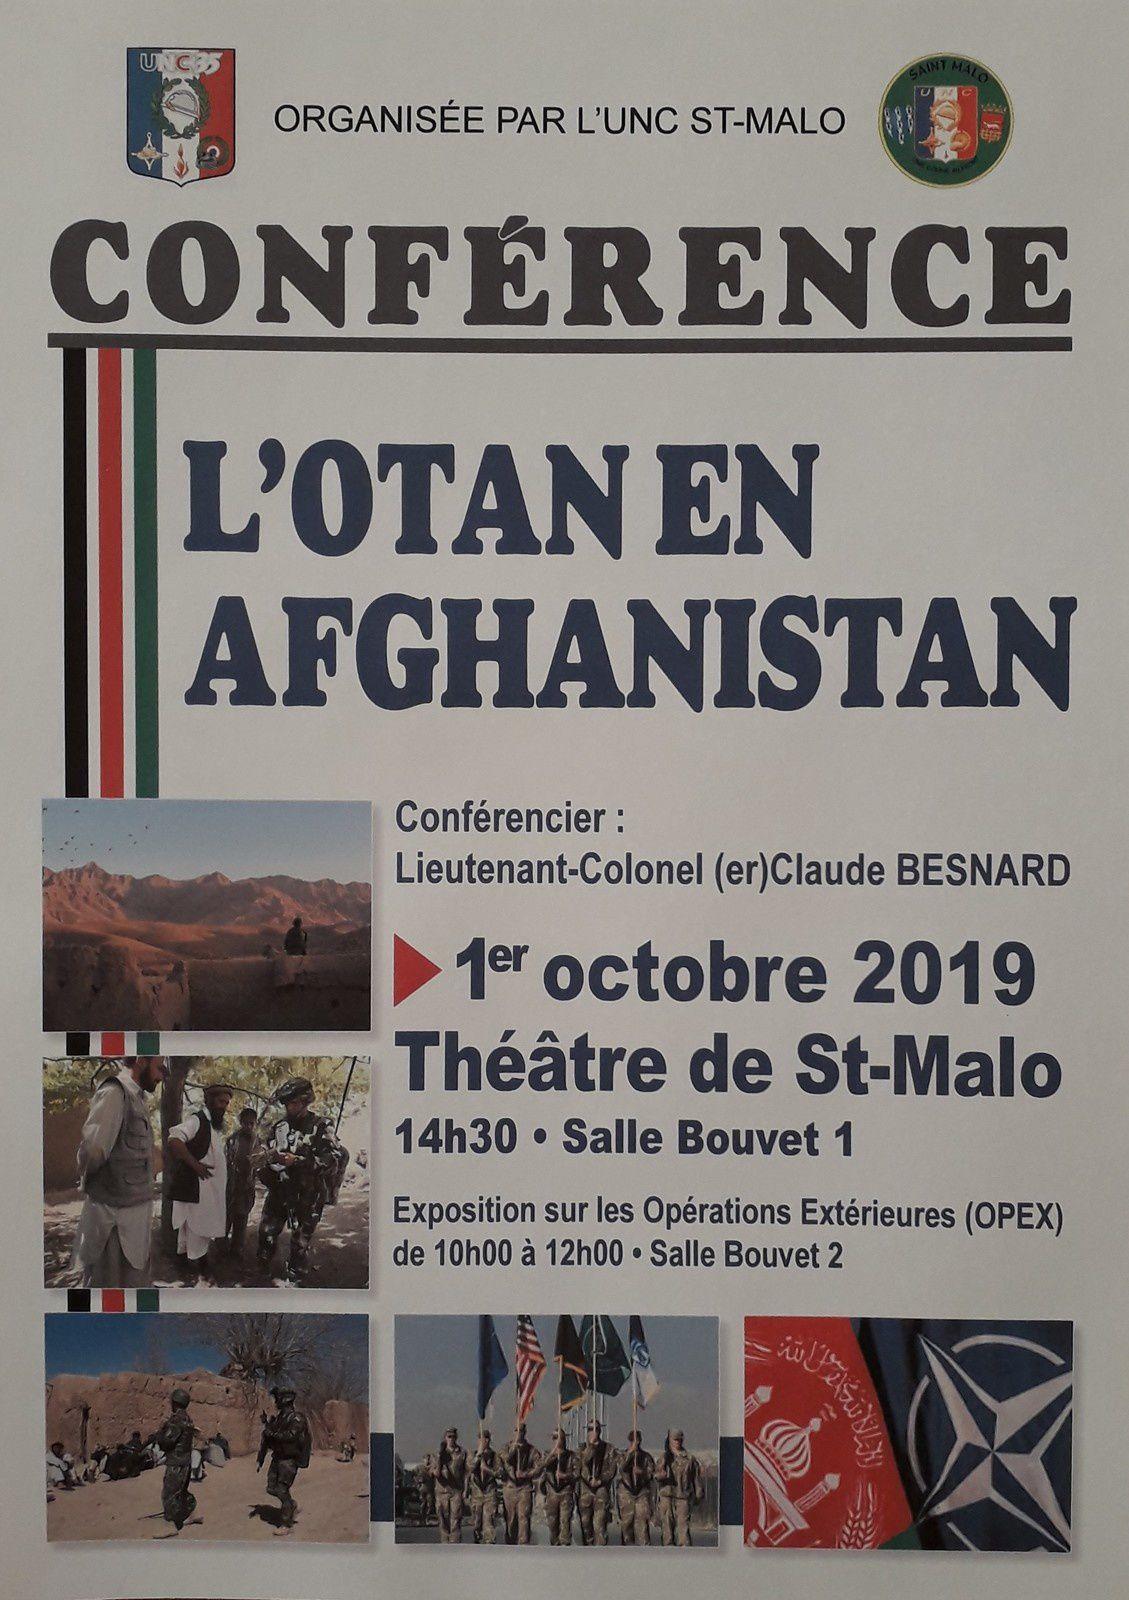 """1er Octobre à saint-Malo, Expo Opex et conférence """"L'OTAN en Afghanistan"""""""